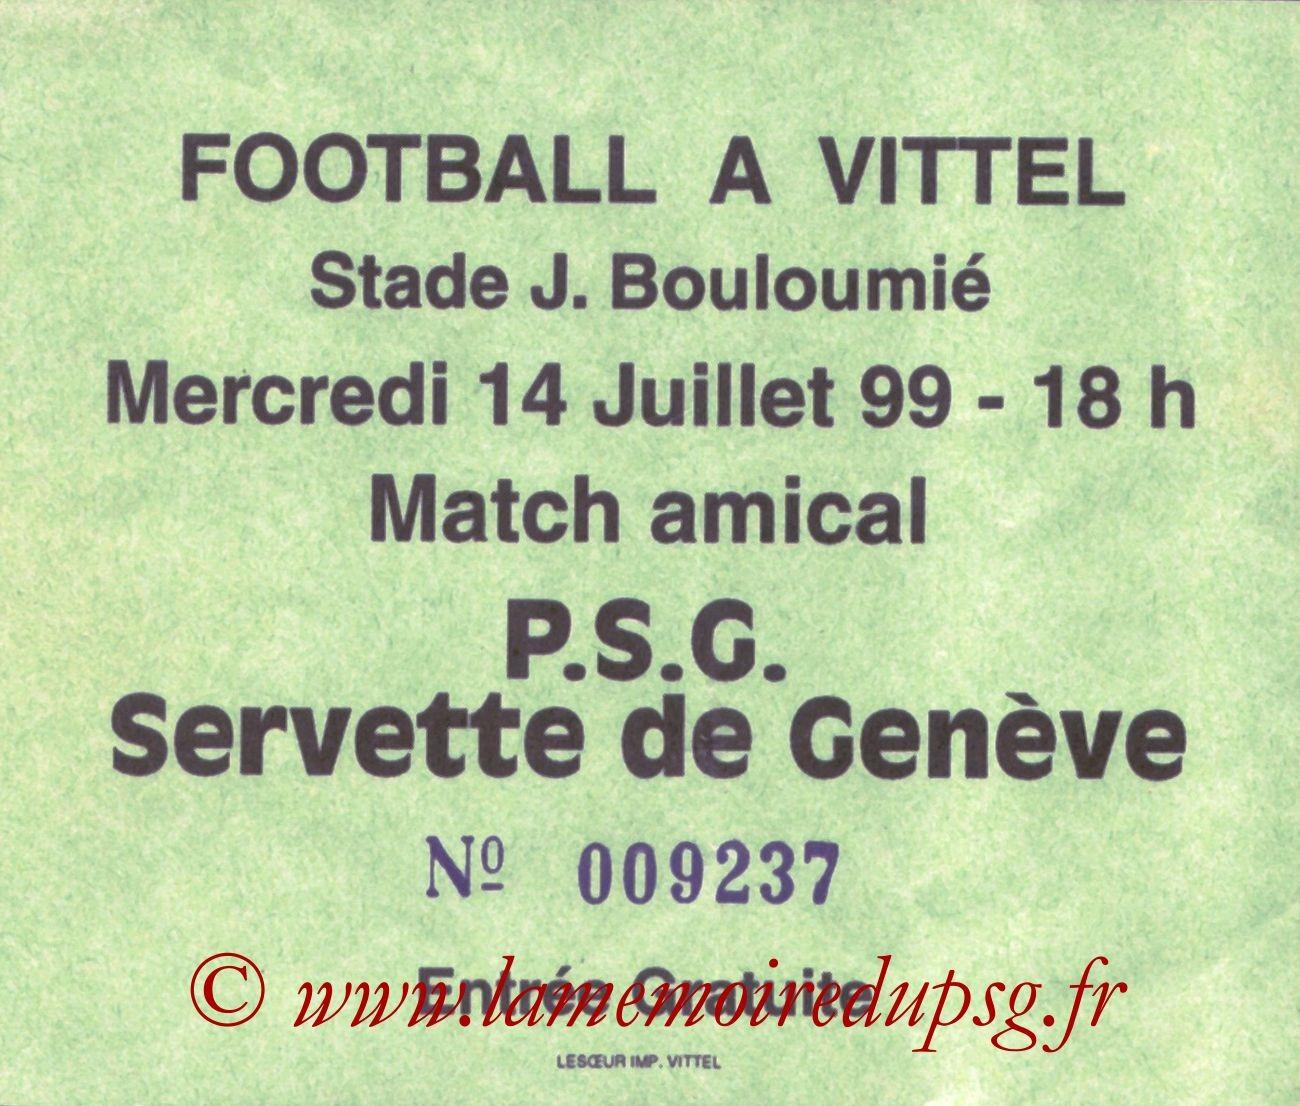 1999-07-14  PSG-Servette Genève (Amical à Vittel)